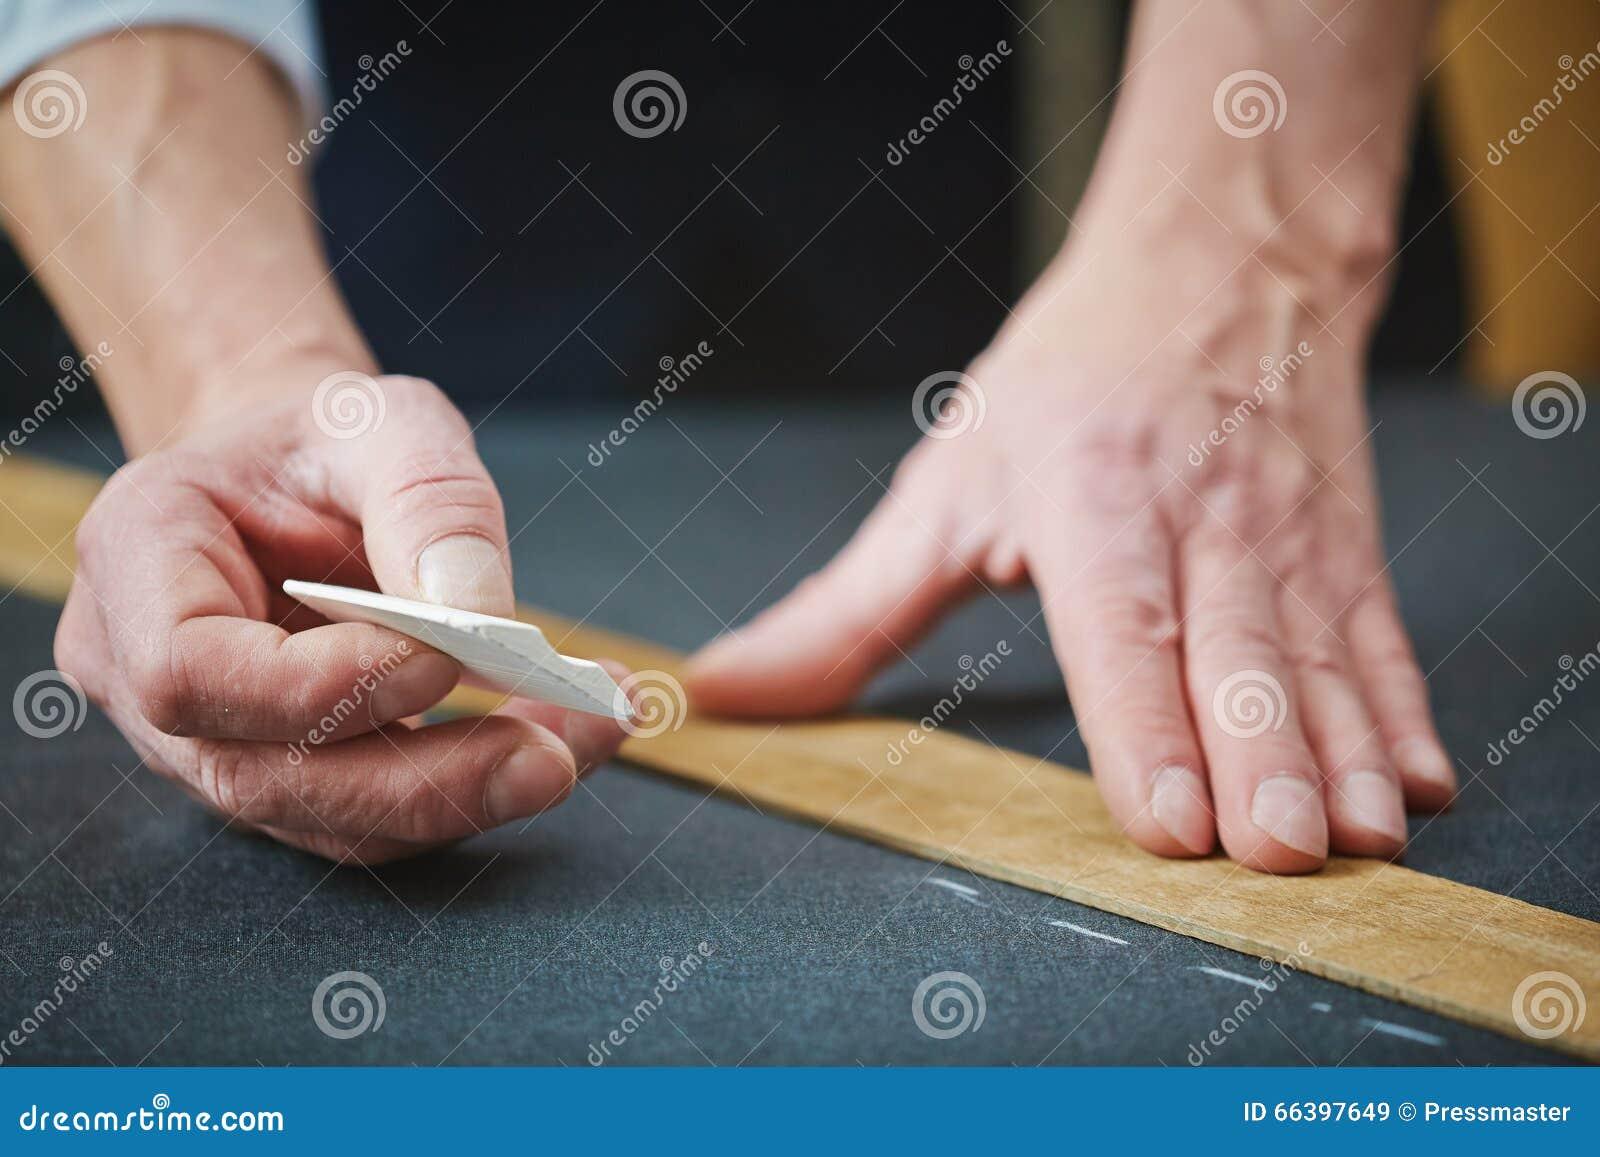 Schneiderhände mit Kreide